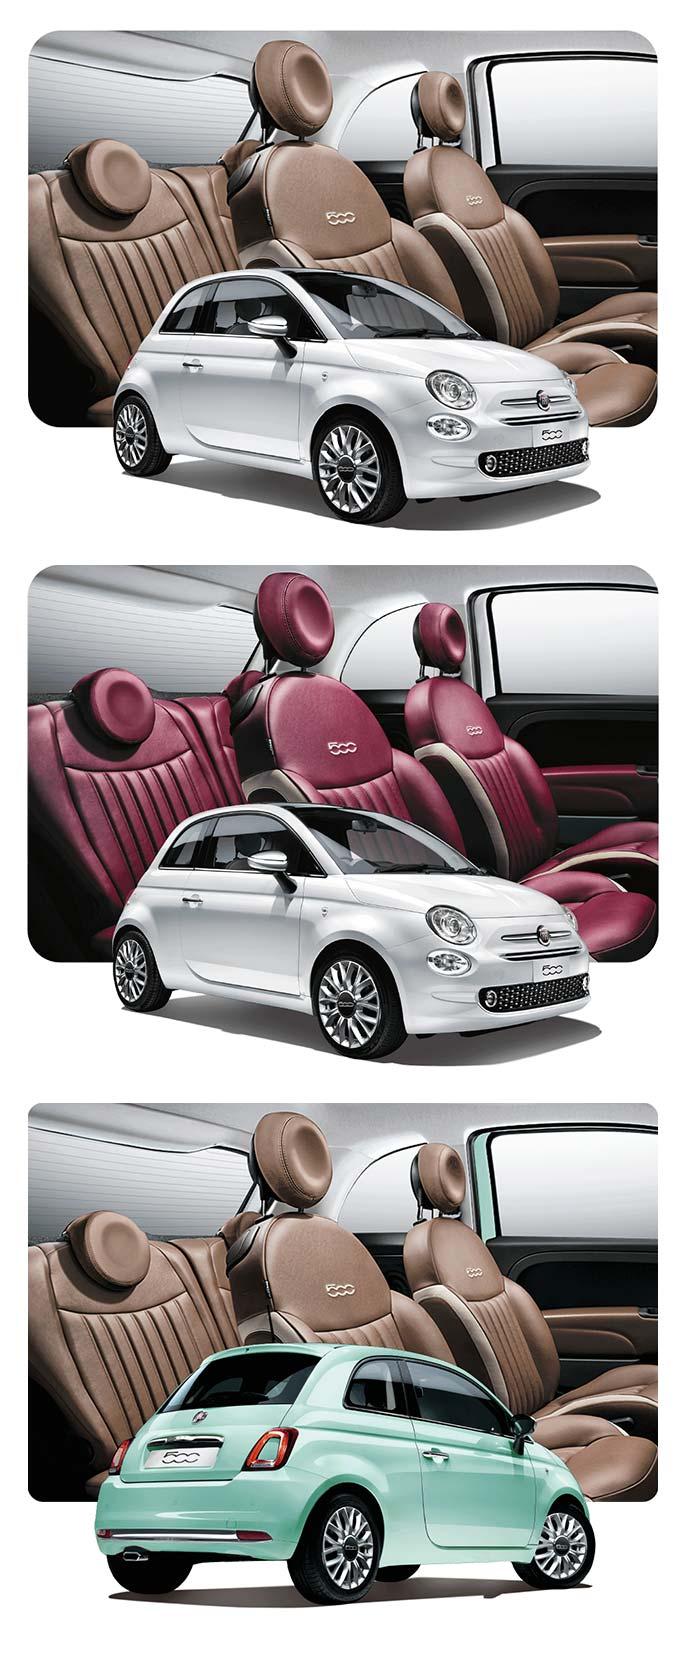 ブラウンとボルドーのシートカラーが印象的なフィアット500 Lussoのインテリア